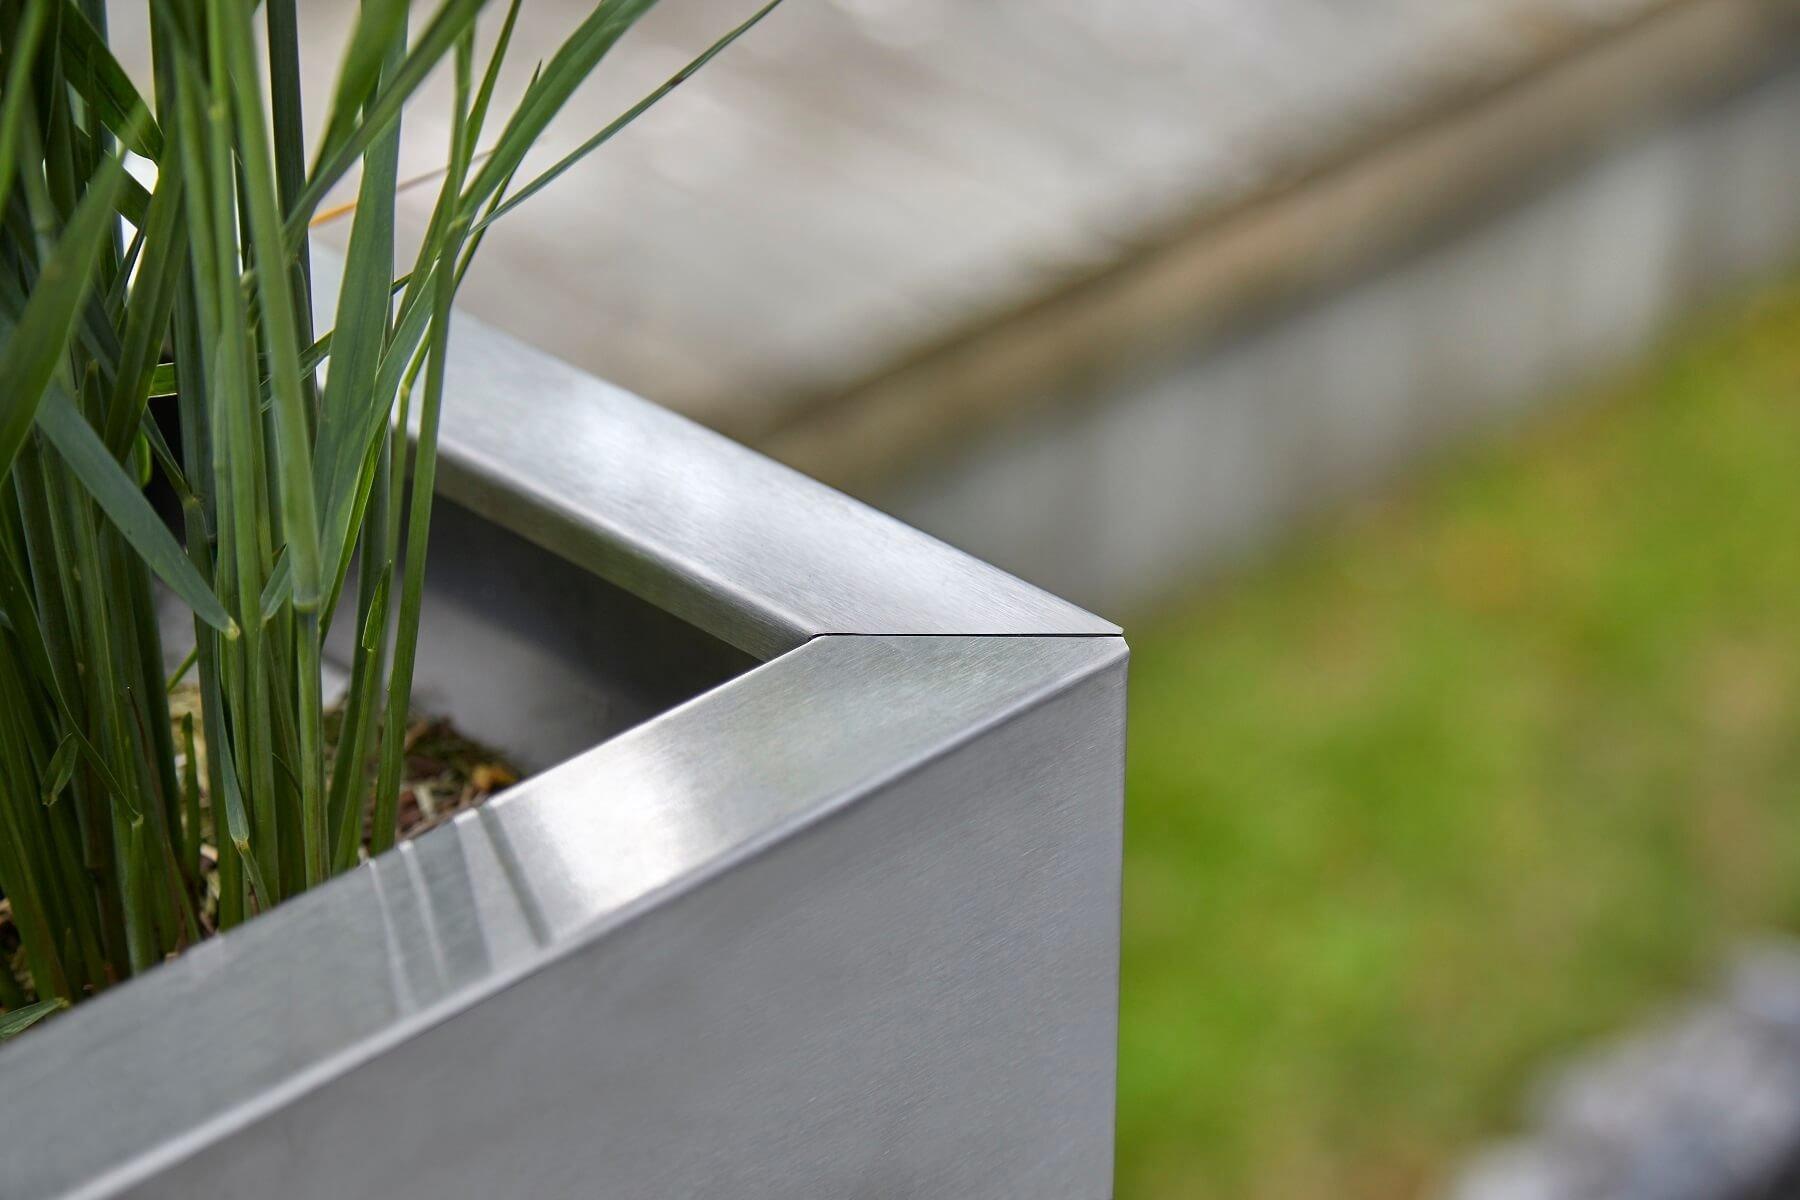 detailansicht-kante-von-pflanztopf-rechteckig